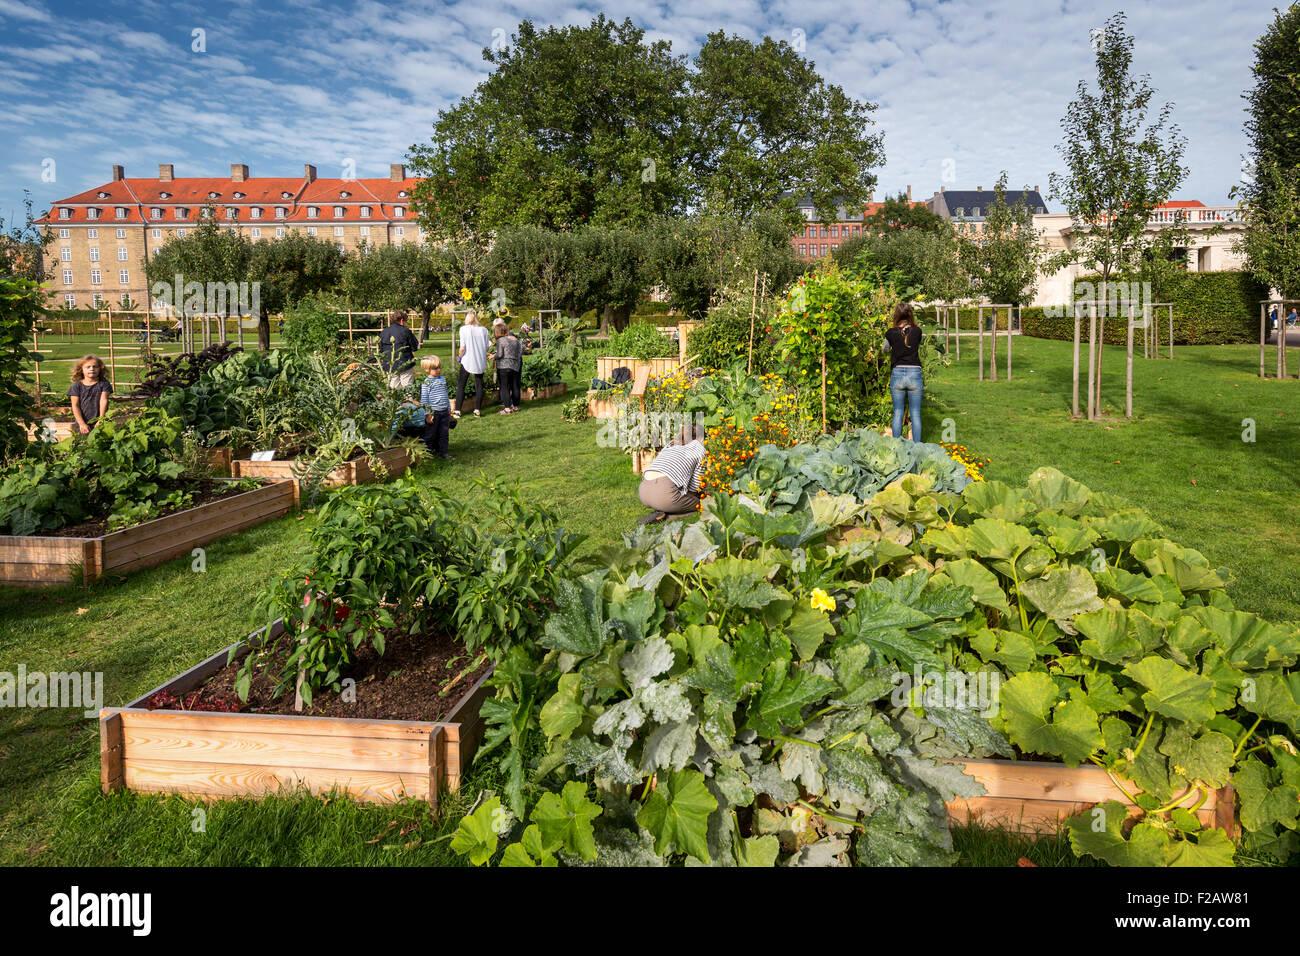 Community gardening, Rosenborg Castle´s garden in Copenhagen, Denmark - Stock Image